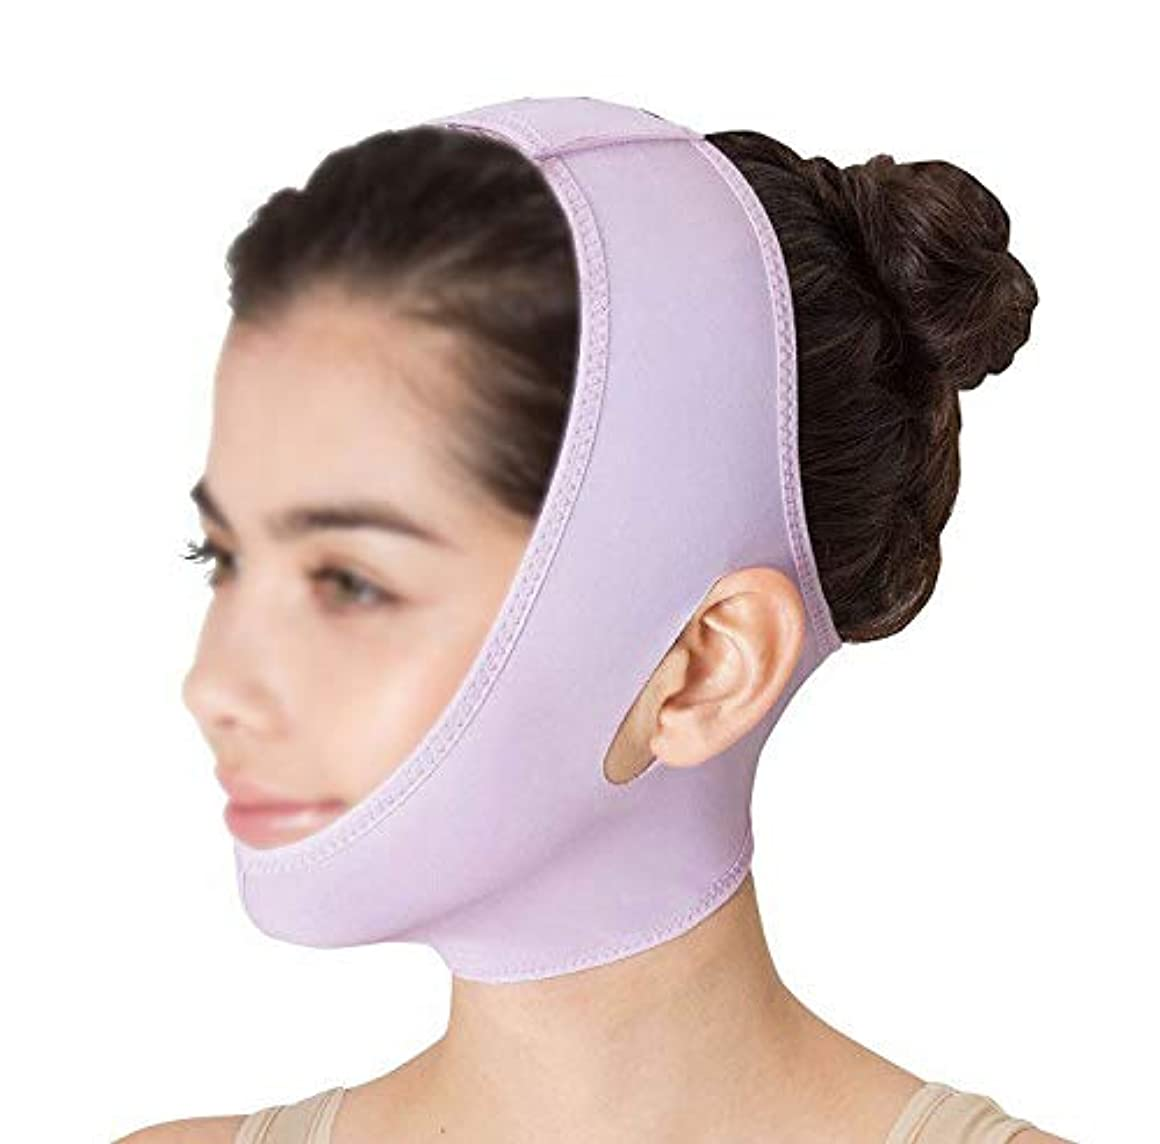 研磨剤測定さわやかフェイシャルマスク、フェイスリフティングアーティファクトフェイスマスク垂れ下がって顔を小さなv顔包帯通気性睡眠面ダブルあごあごセット睡眠弾性痩身ベルト